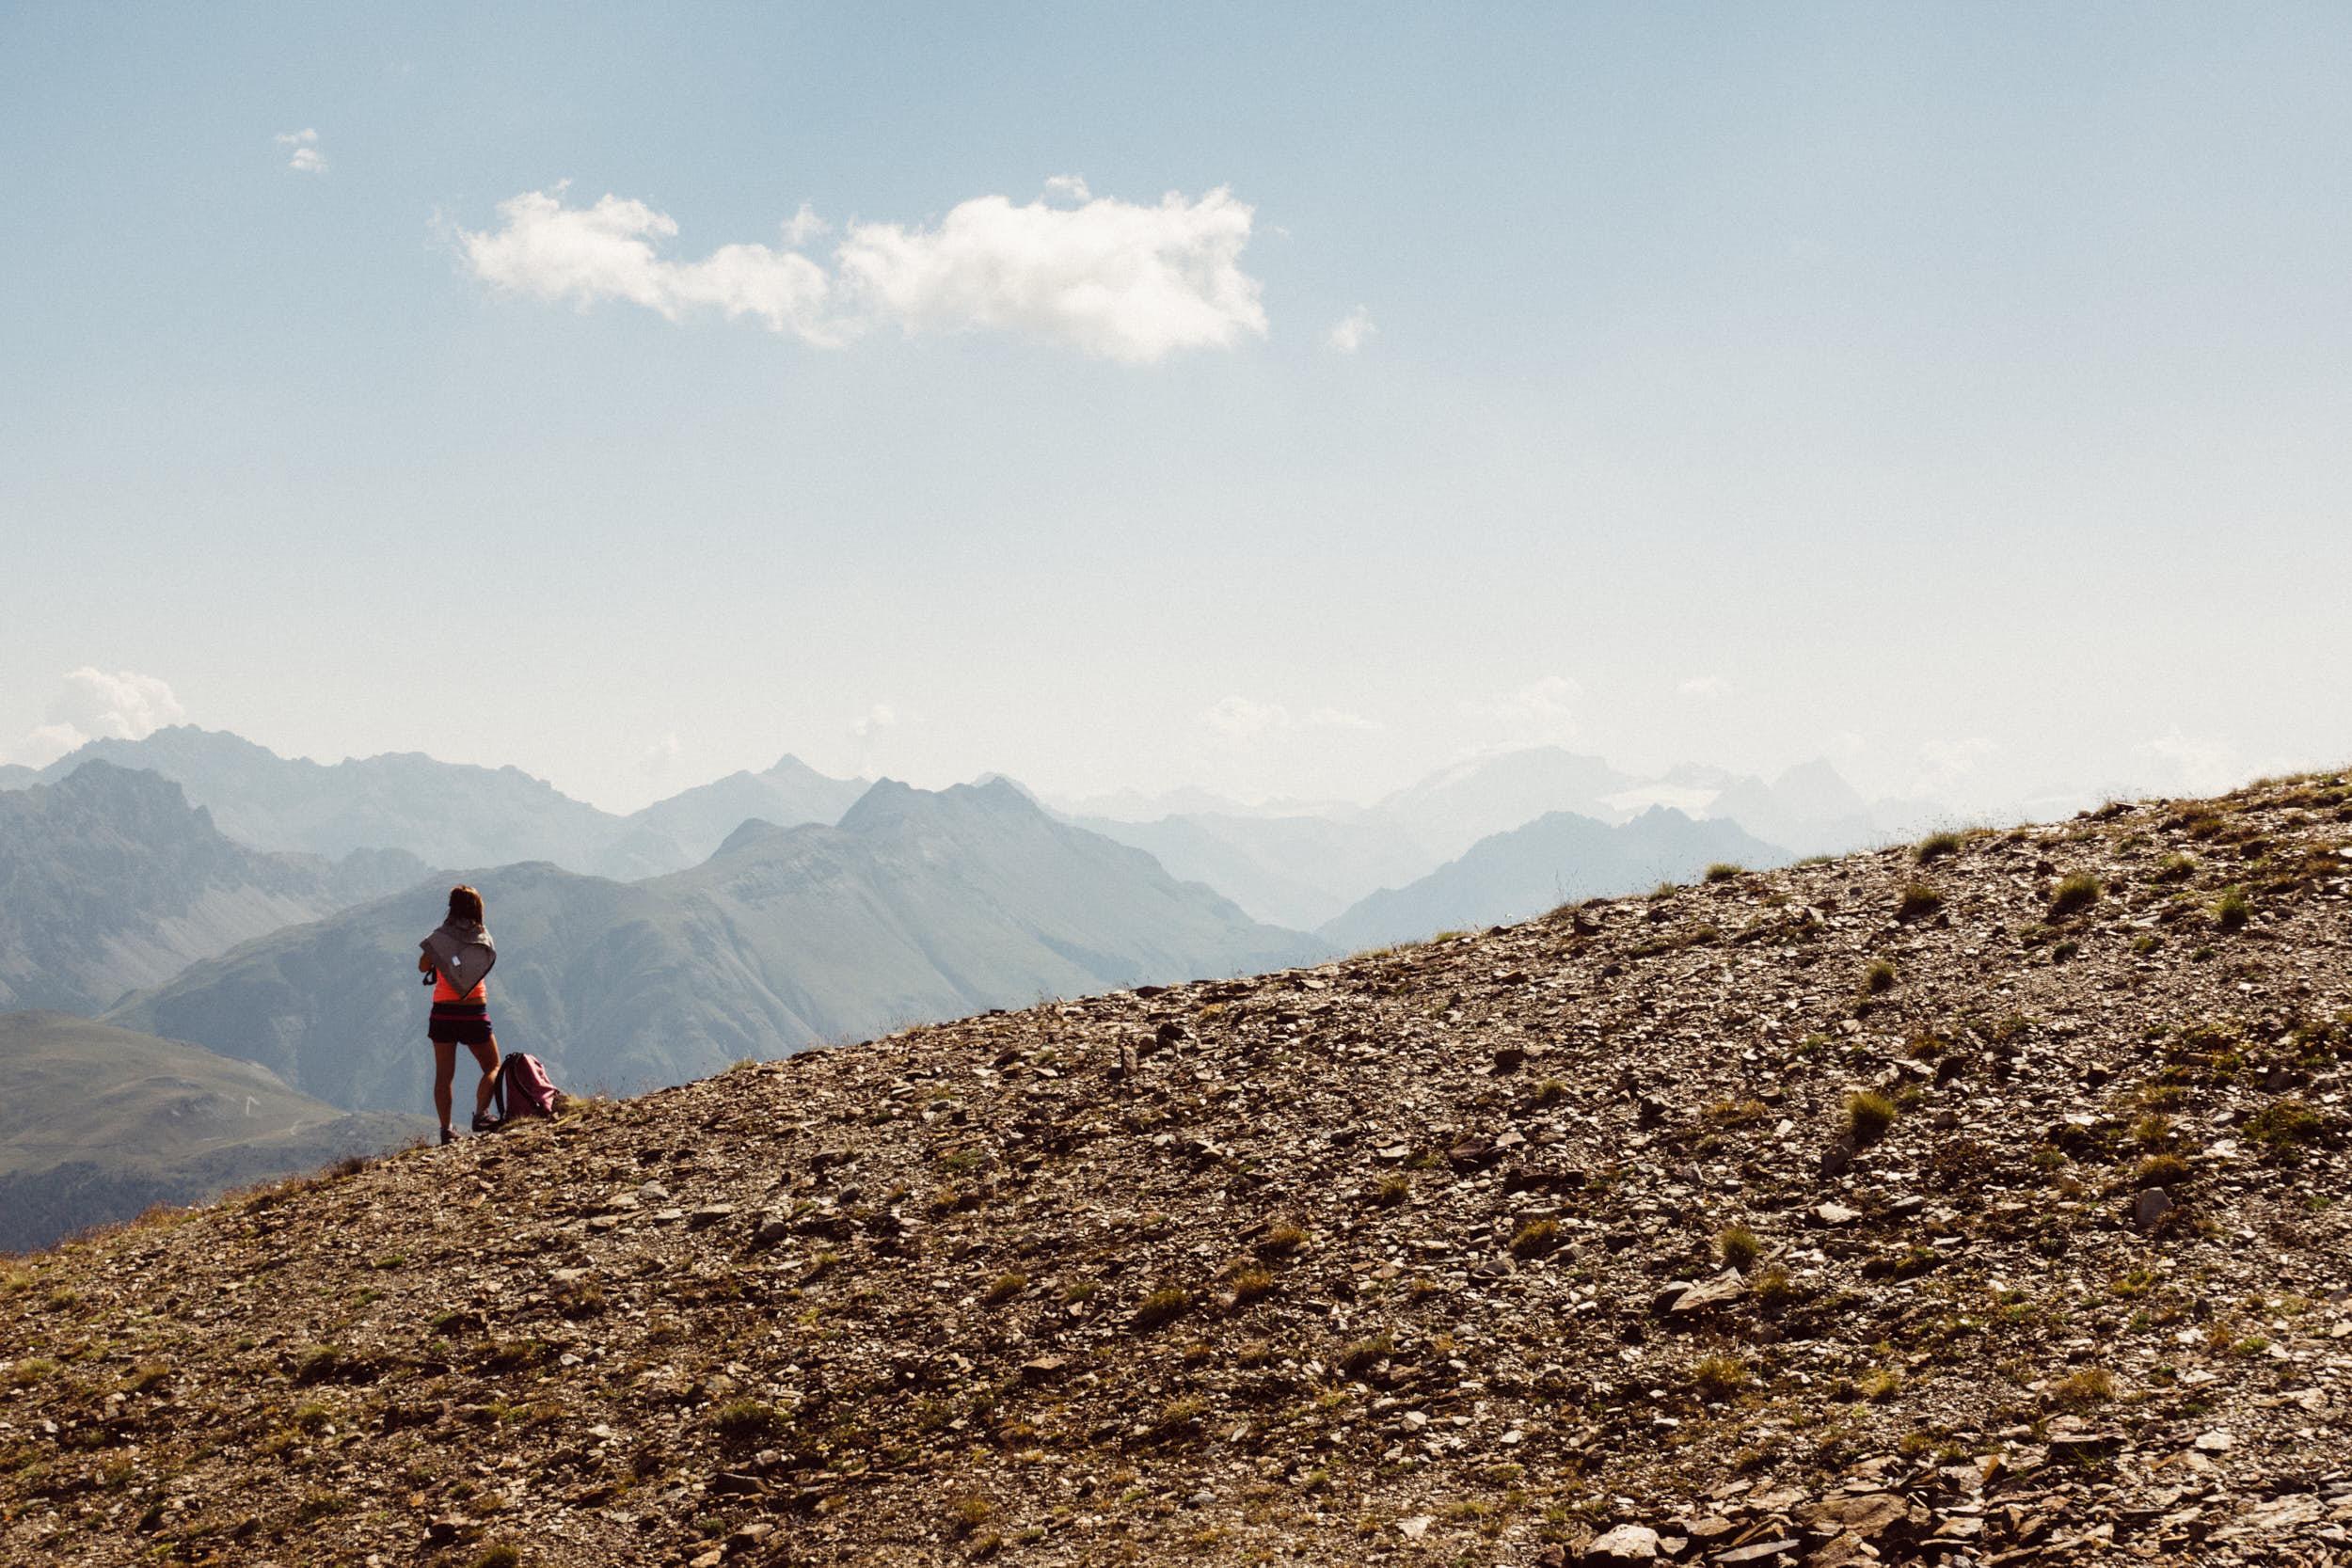 Travel photography: woman enjoying beautiful mountain view in Italian Alps.